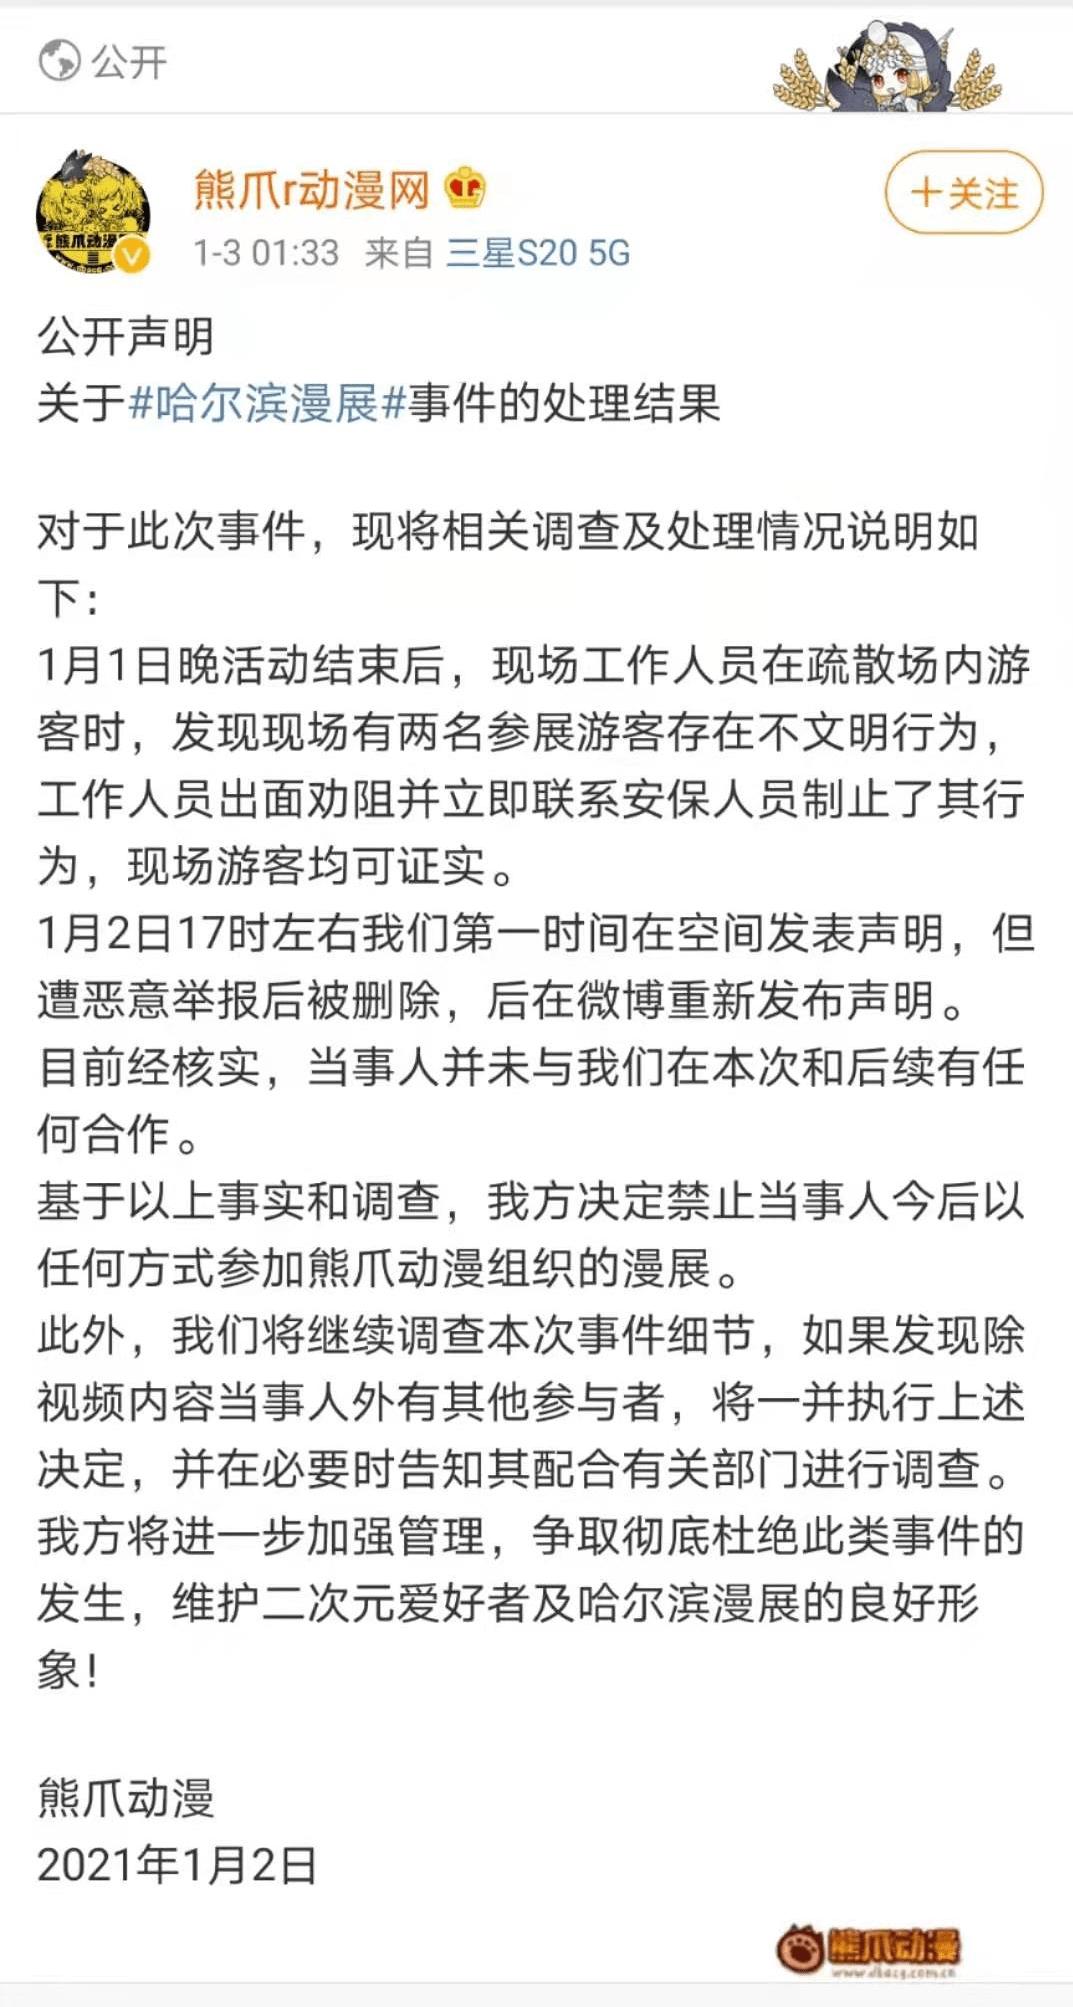 广东有了国荣的加称谓持小张